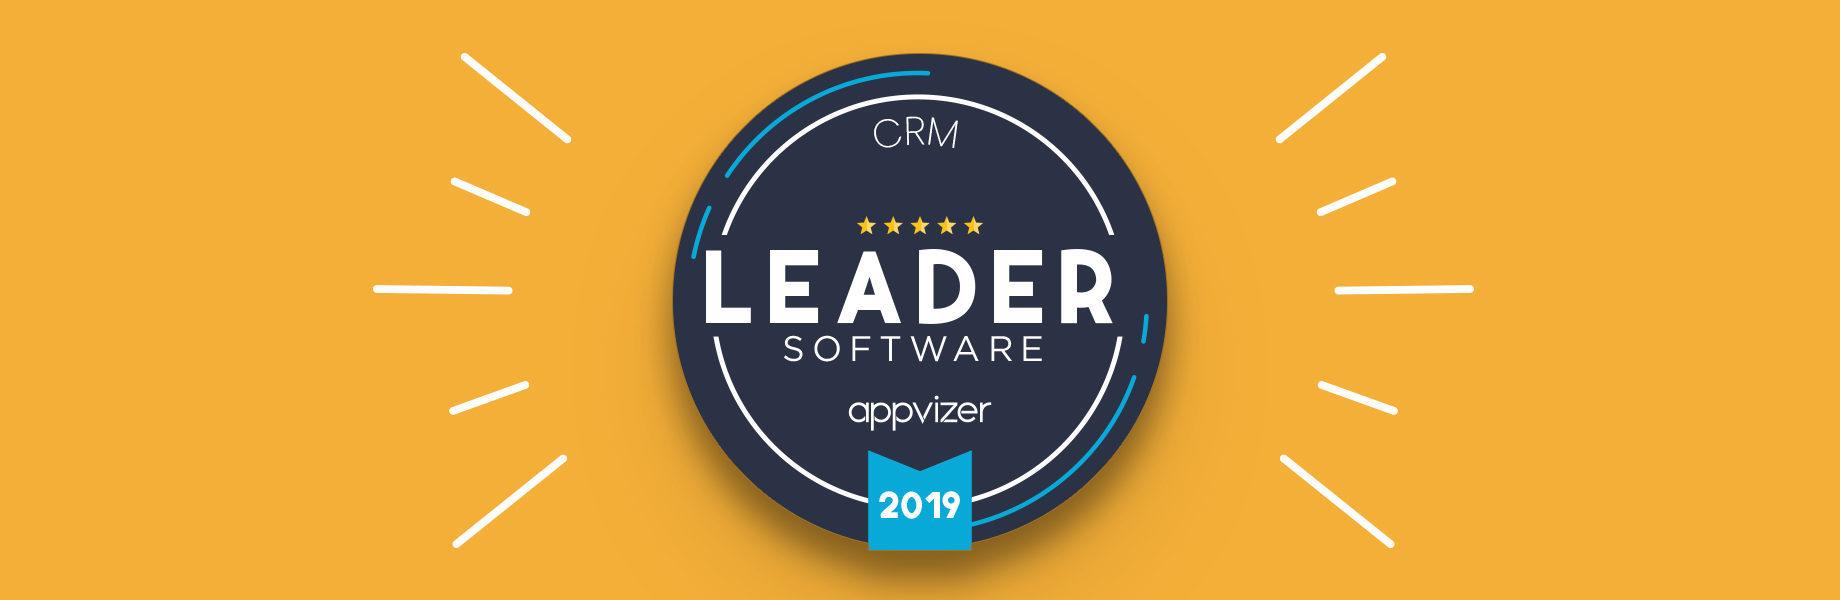 ¿Por qué un badge Leader appvizer es atribuido a un software?